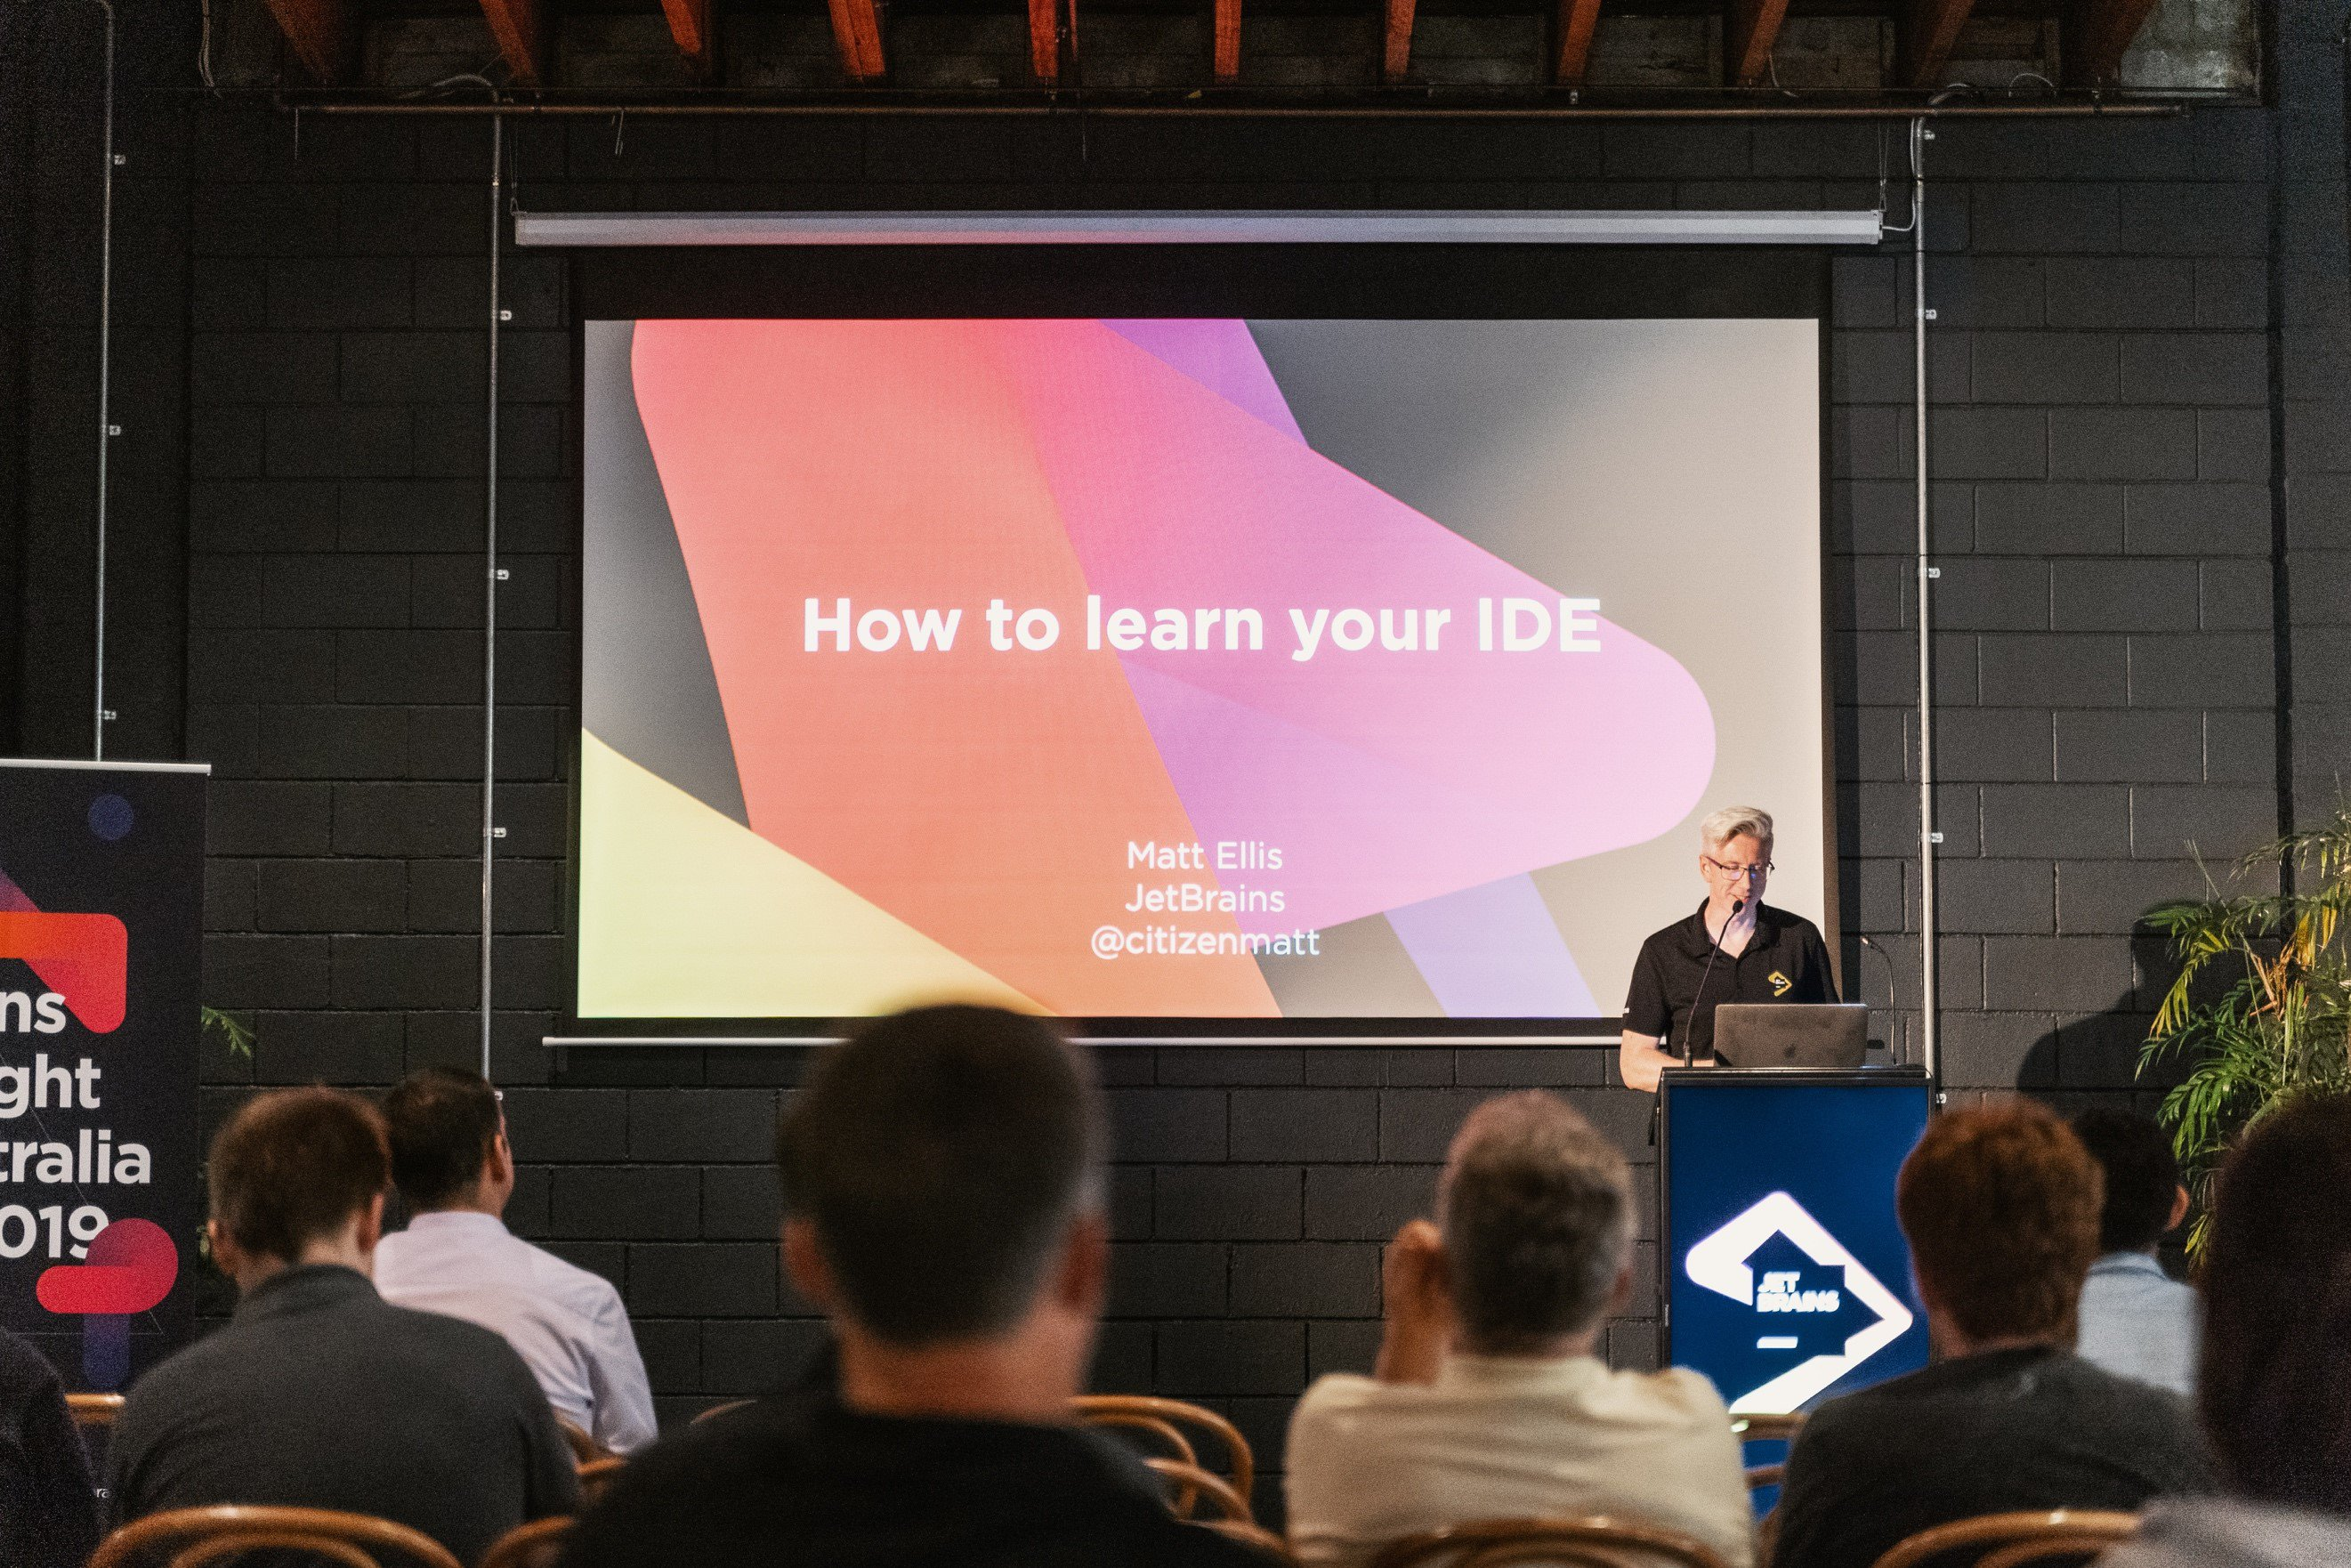 Learn IDE